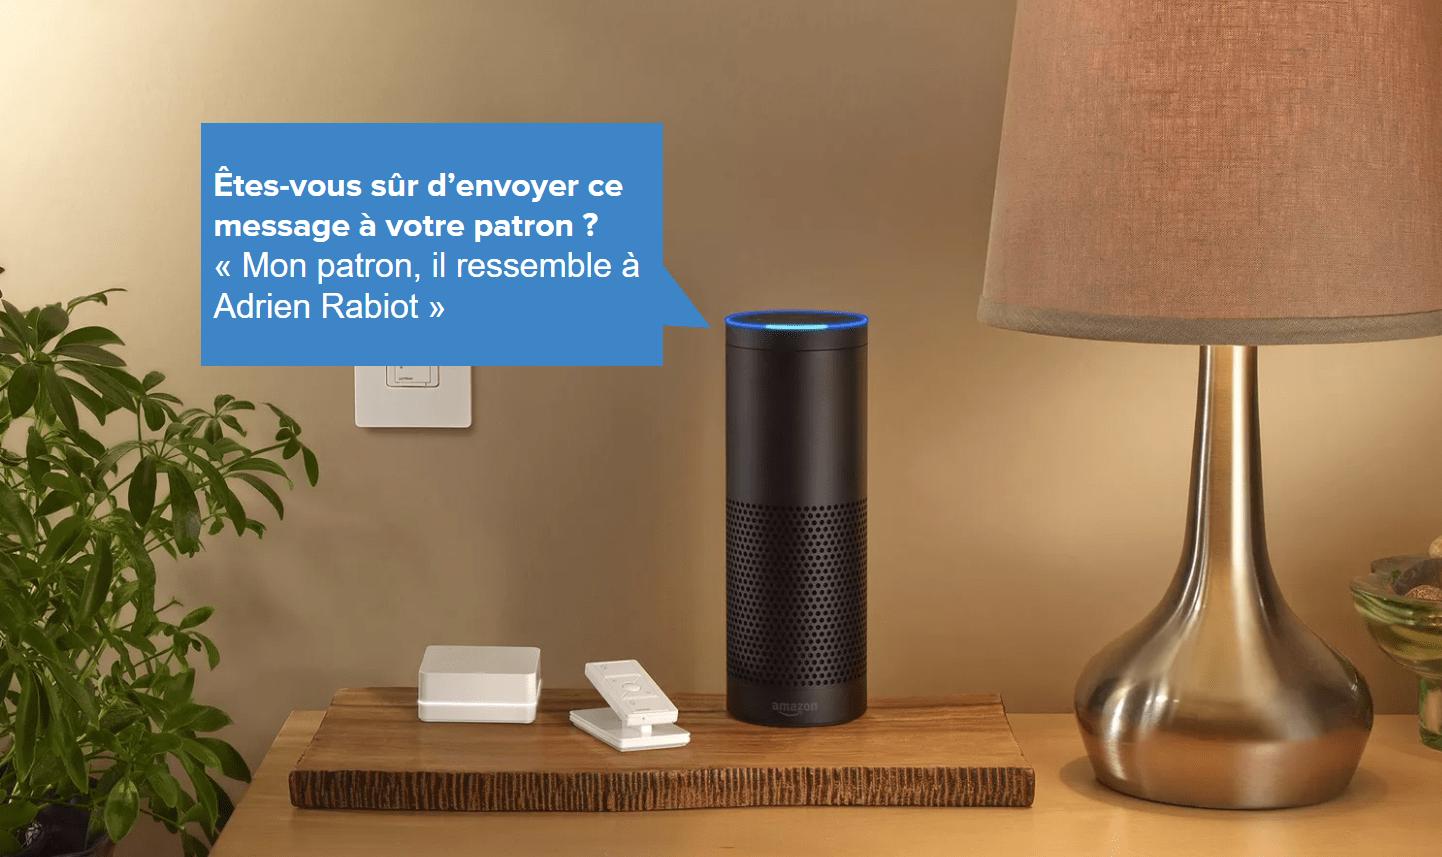 L'assistant Amazon Alexa a enregistré une discussion privée et l'a envoyée à un contact au hasard